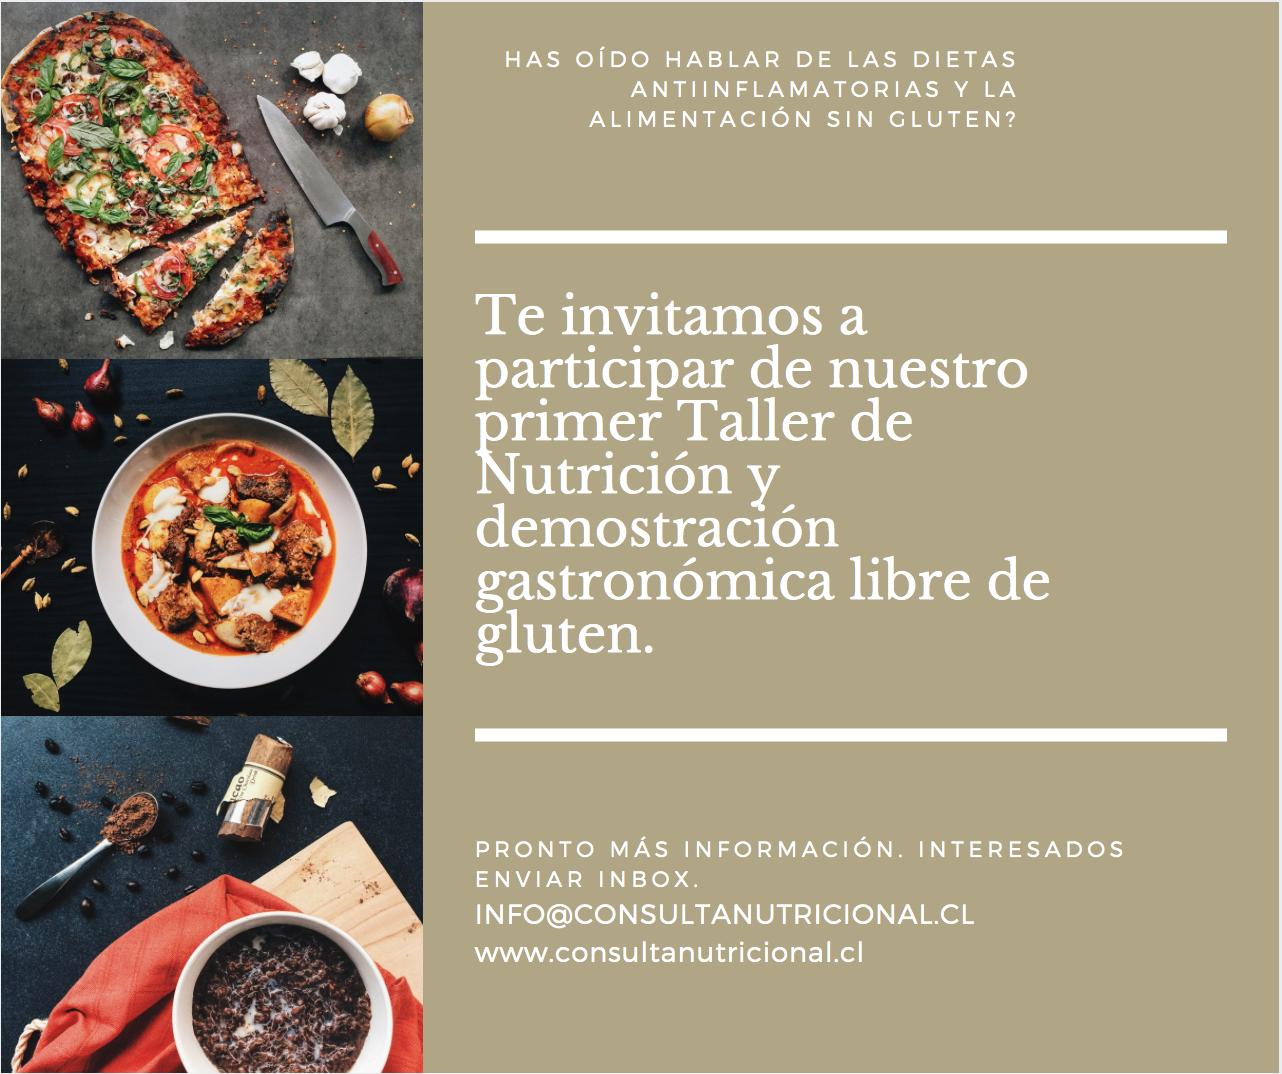 Taller de Nutrición y demostración gastronómica libre de gluten